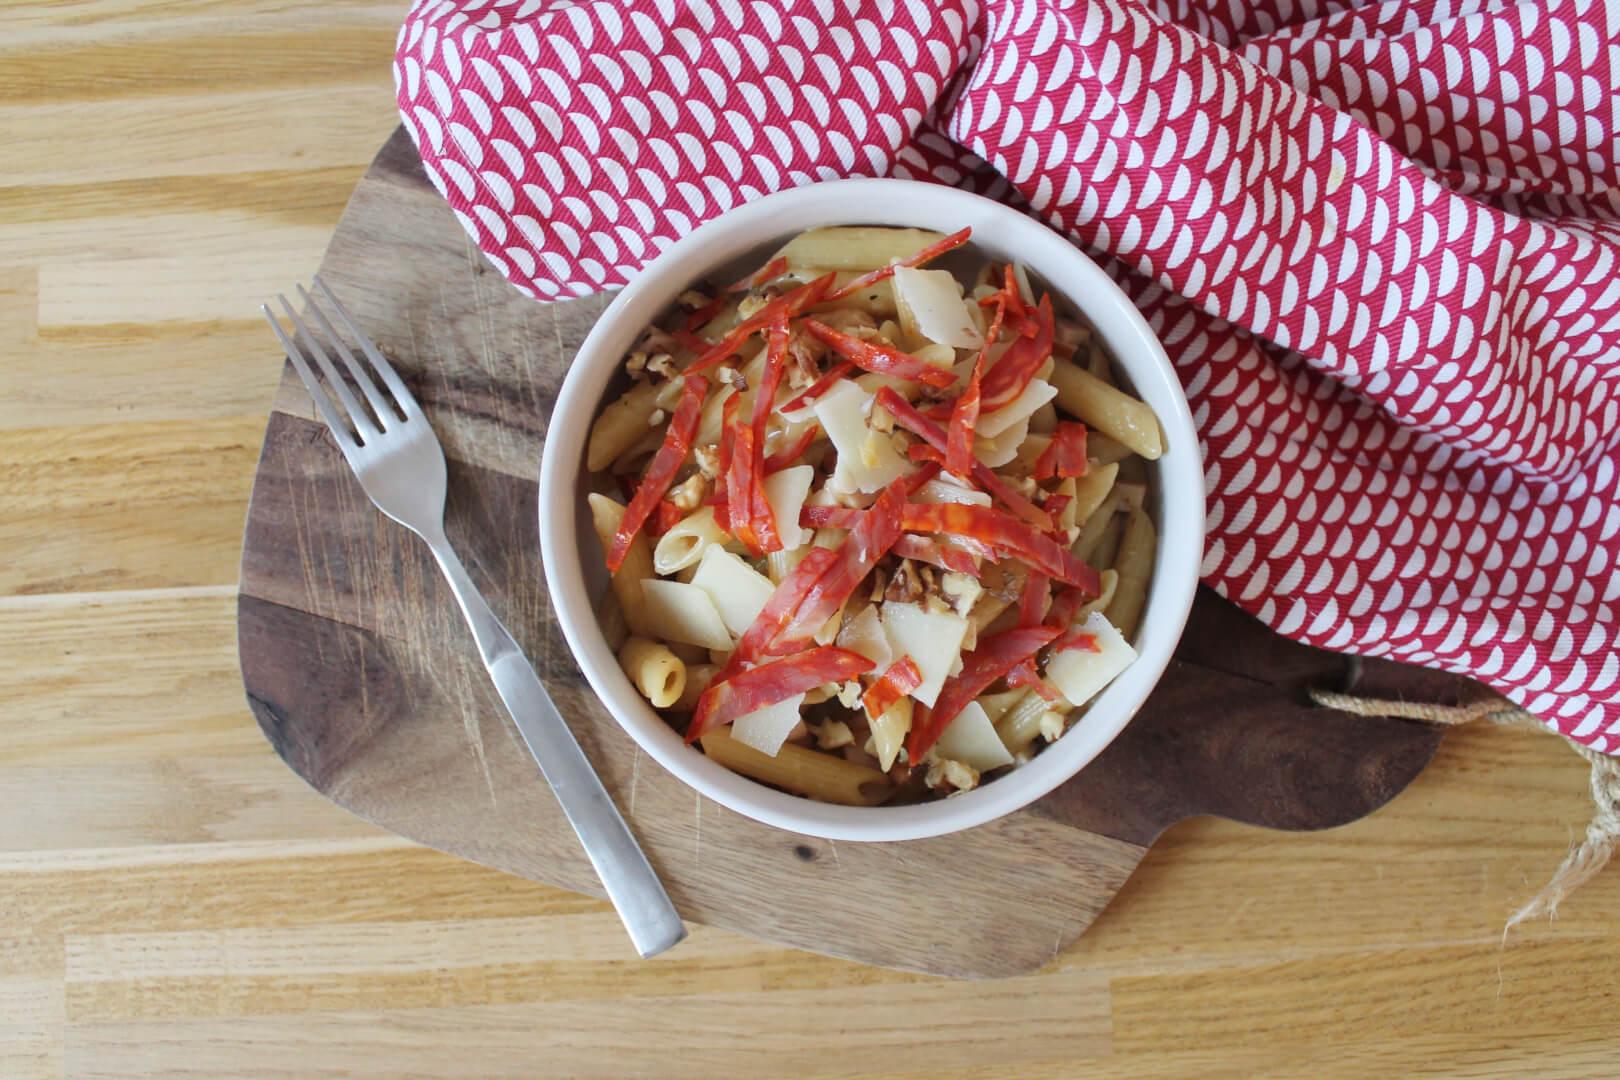 Pâtes au poulet, chorizo et noix - Creatyve